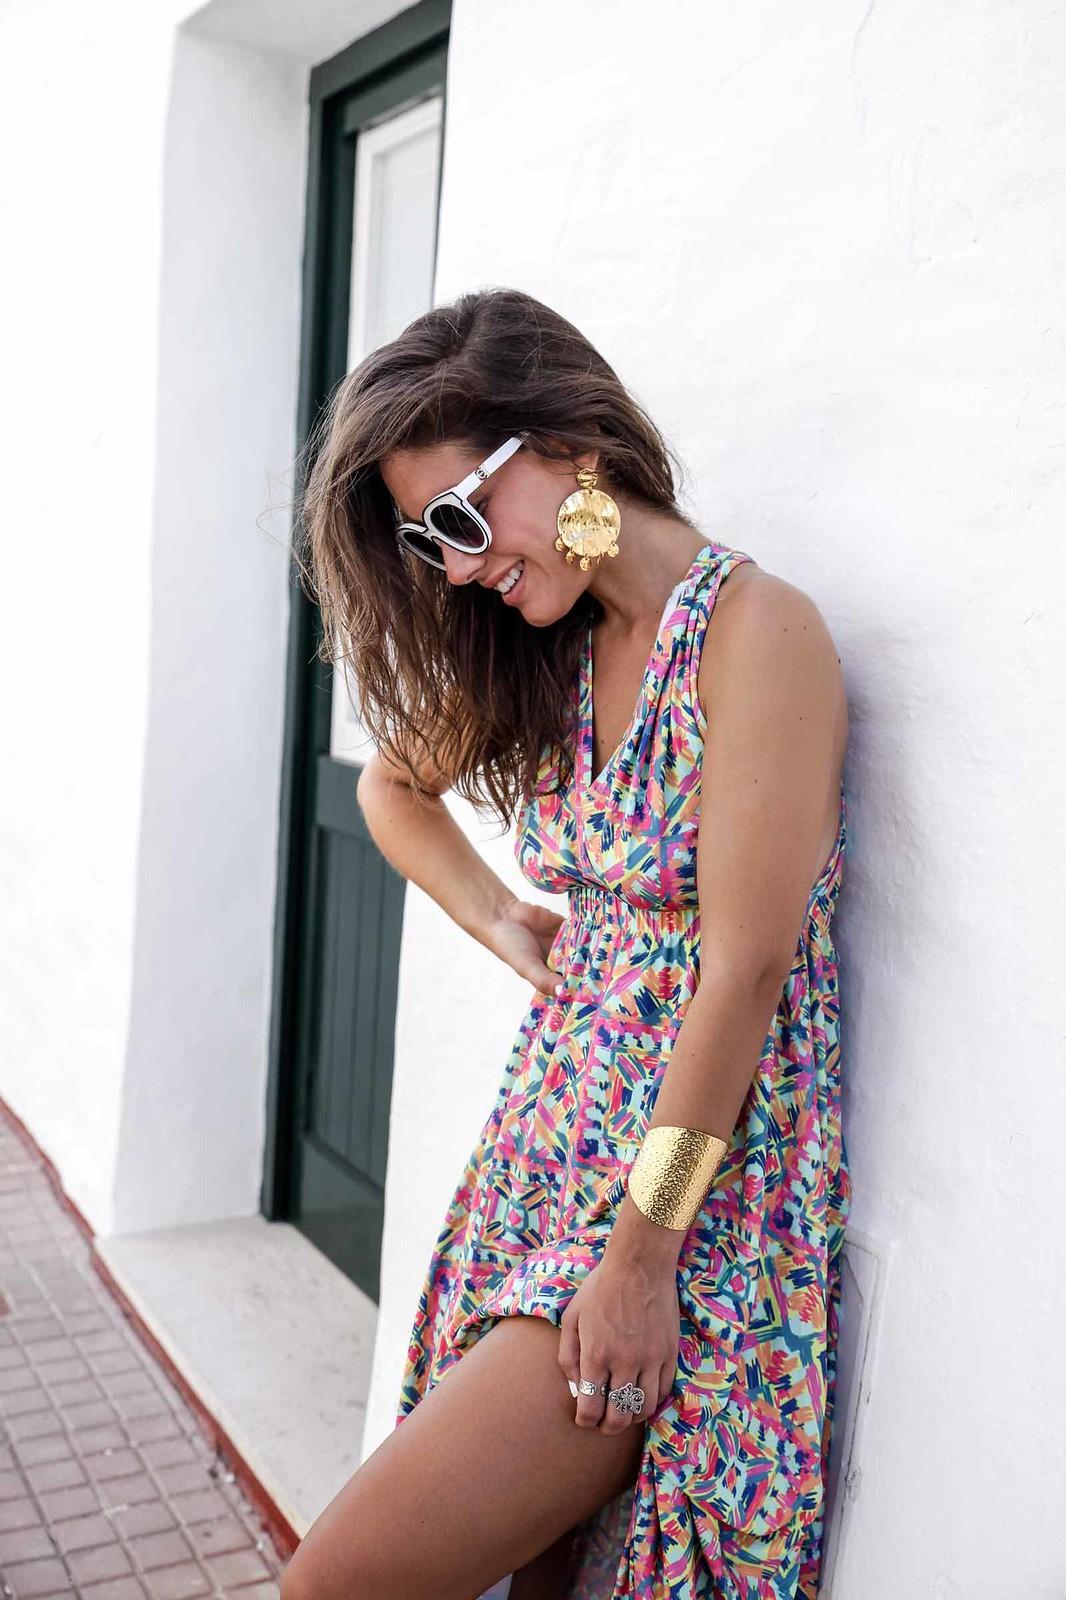 013_vestido_largo_colores_estilo_boho_rüga_chic_casual_street_style_outfit_theguestgirl_